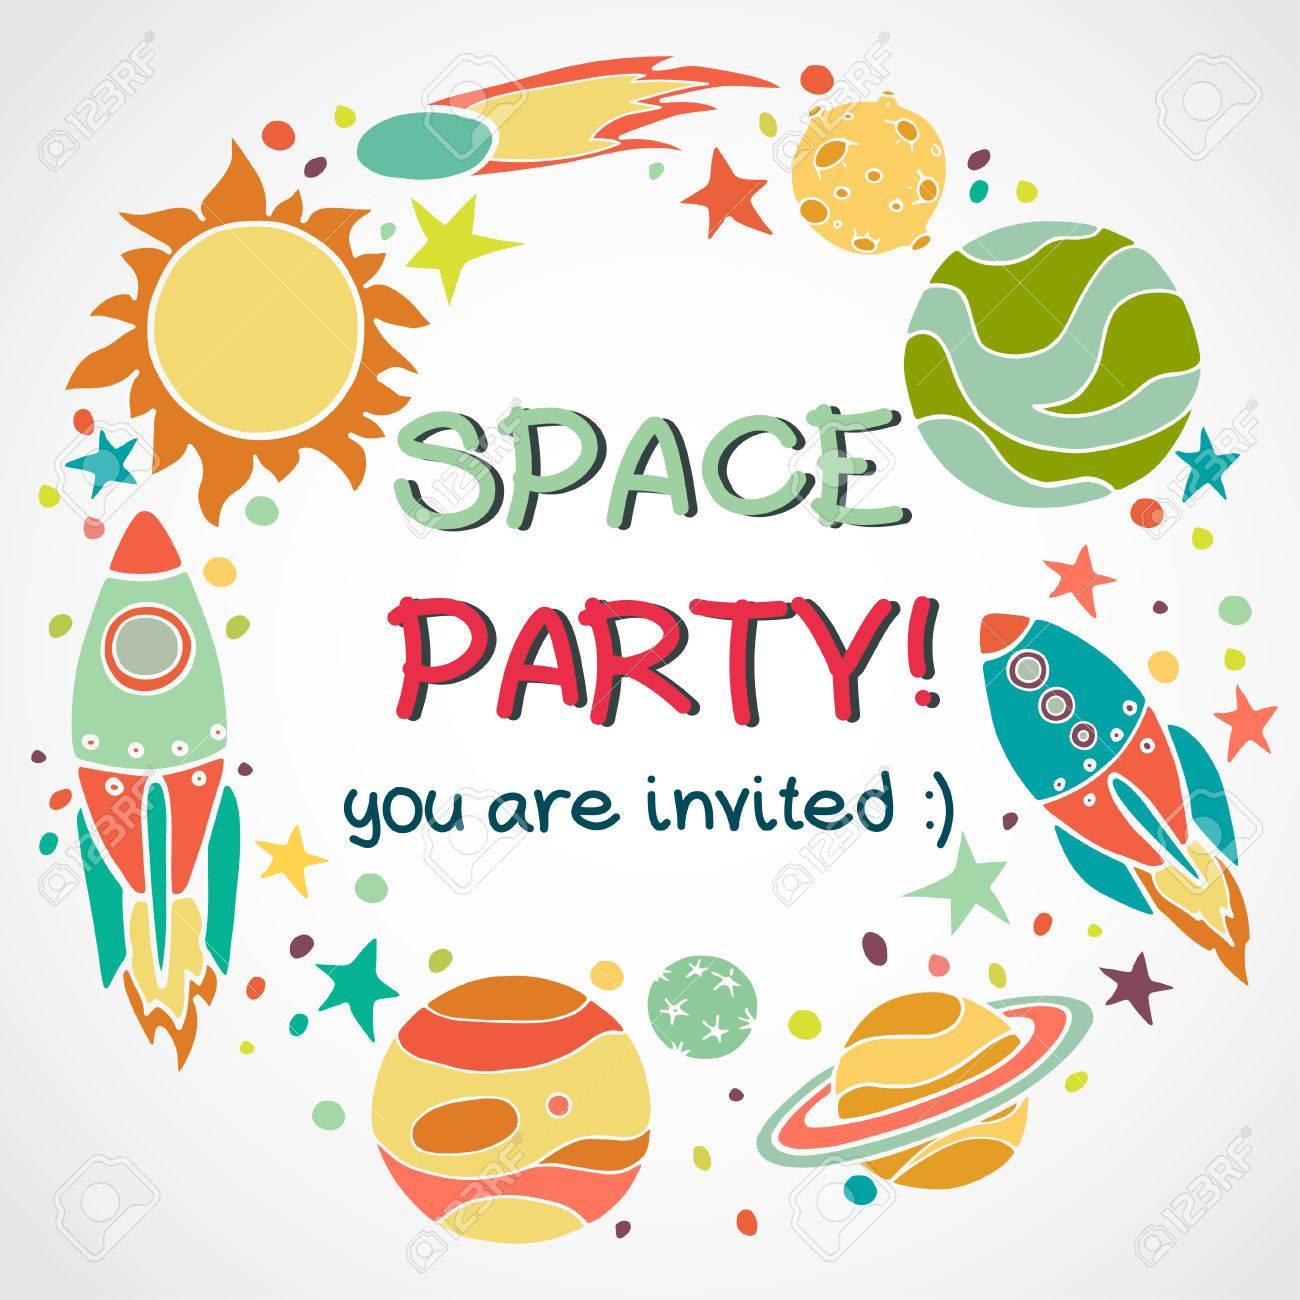 Conjunto De Elementos De Espacio De Dibujos Animados En Círculo Cohetes Planetas Y Estrellas Dibujado A Mano De Fondo Infantil Invitación De La